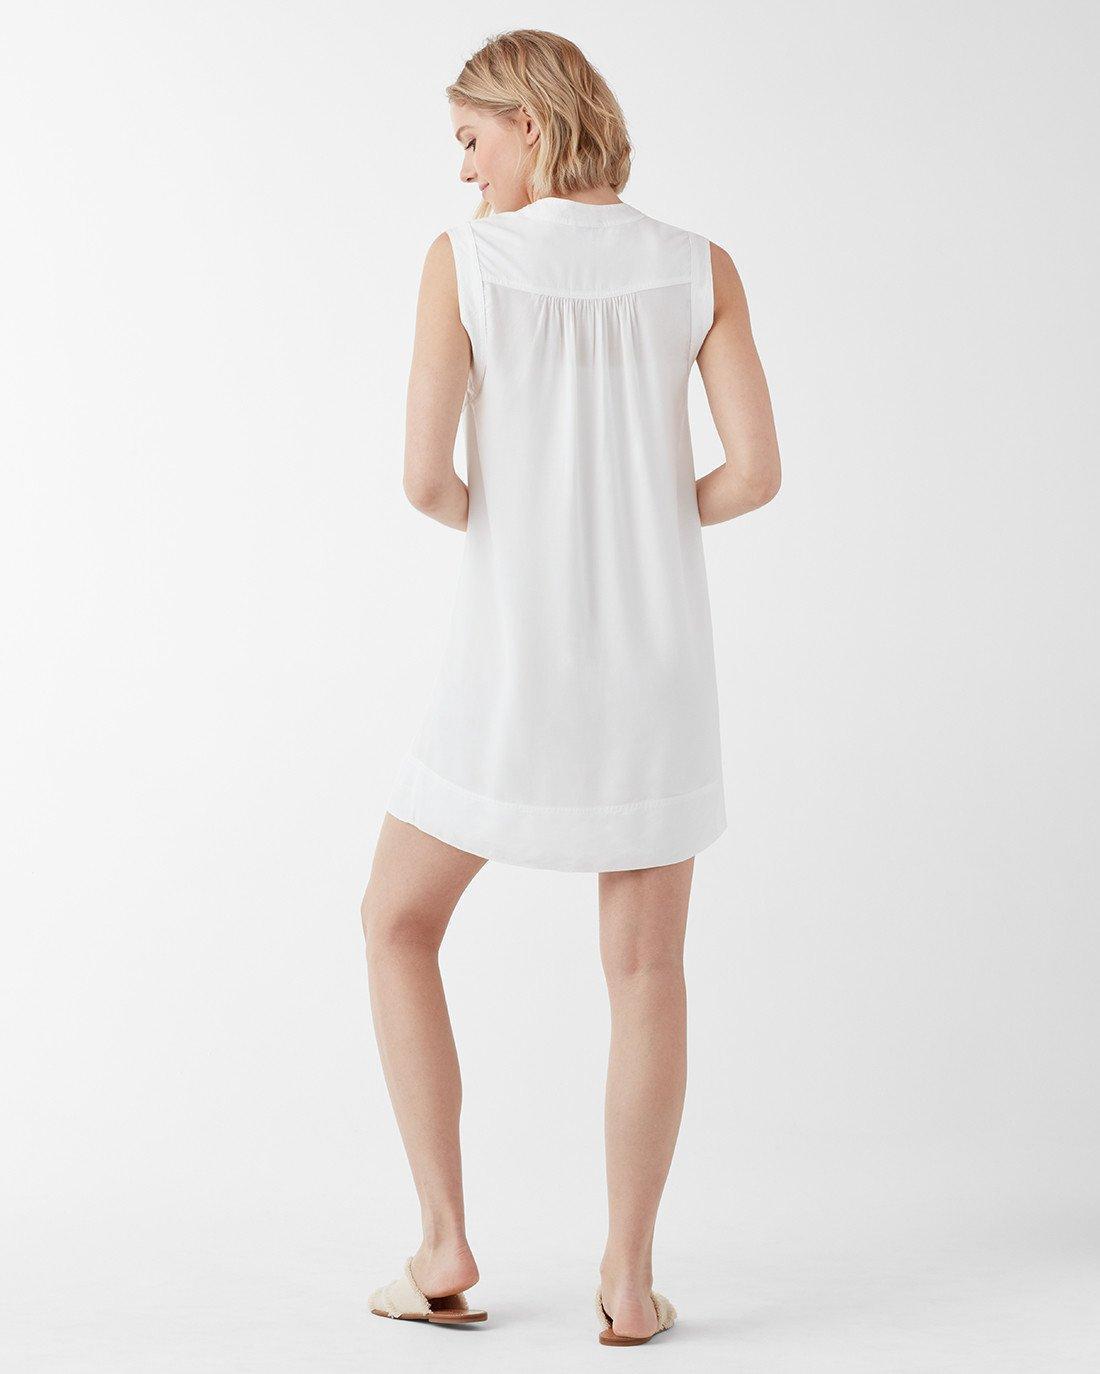 721aaaafc Lyst - Splendid Crosshatch Lace Up Dress in White